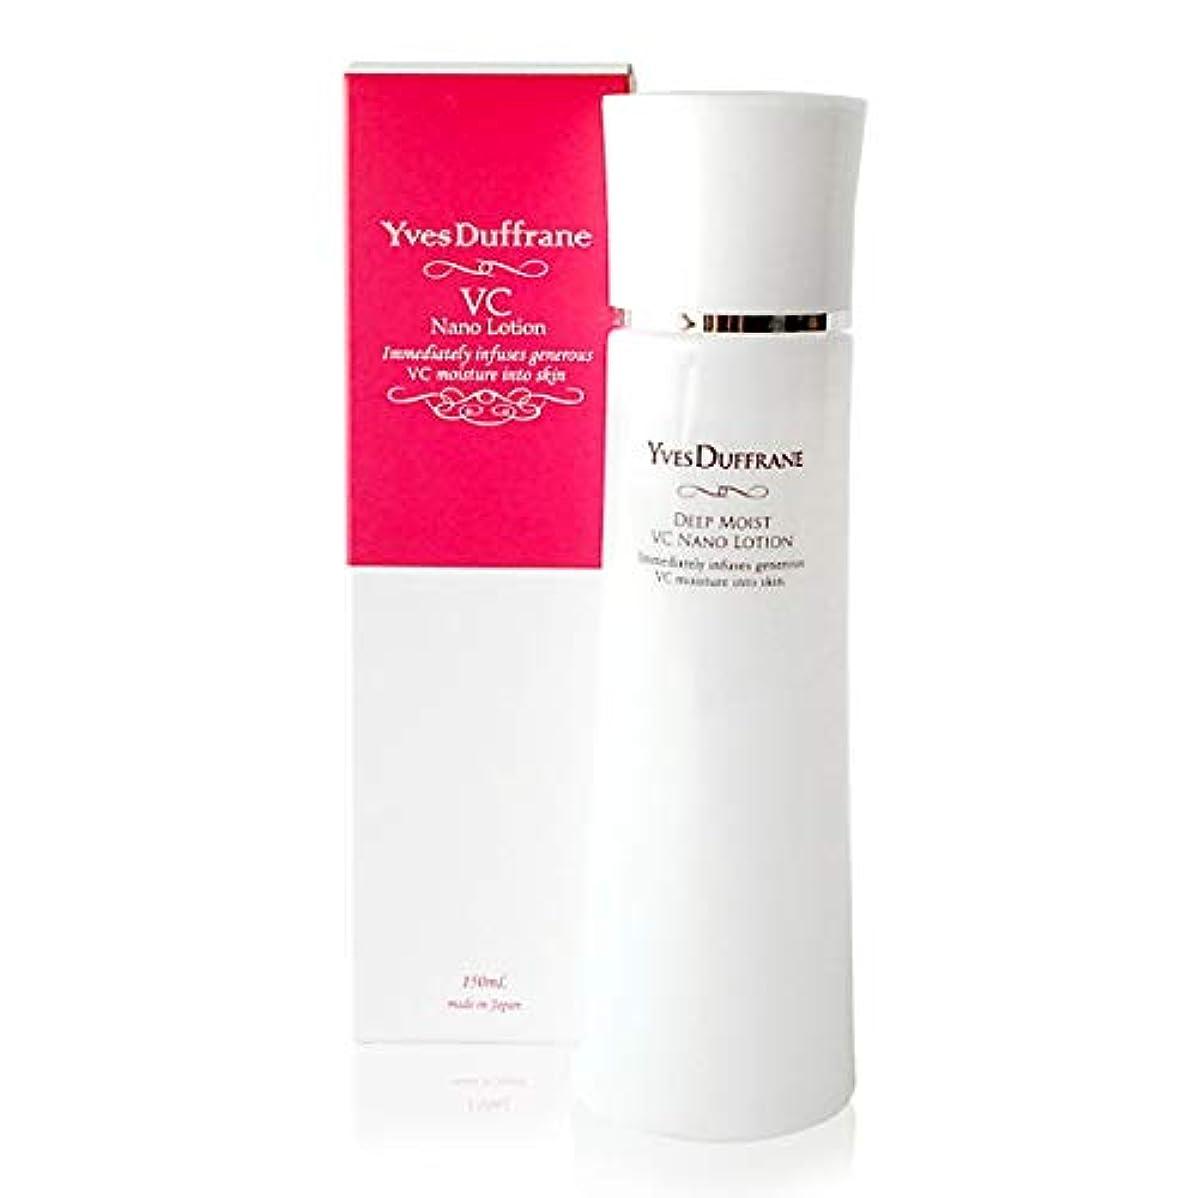 抑圧ラテン平手打ちビタミンC誘導体 ナノ 化粧水 | VC ナノ化粧水 | 高保湿 乾燥 毛穴 敏感肌 メンズ OK